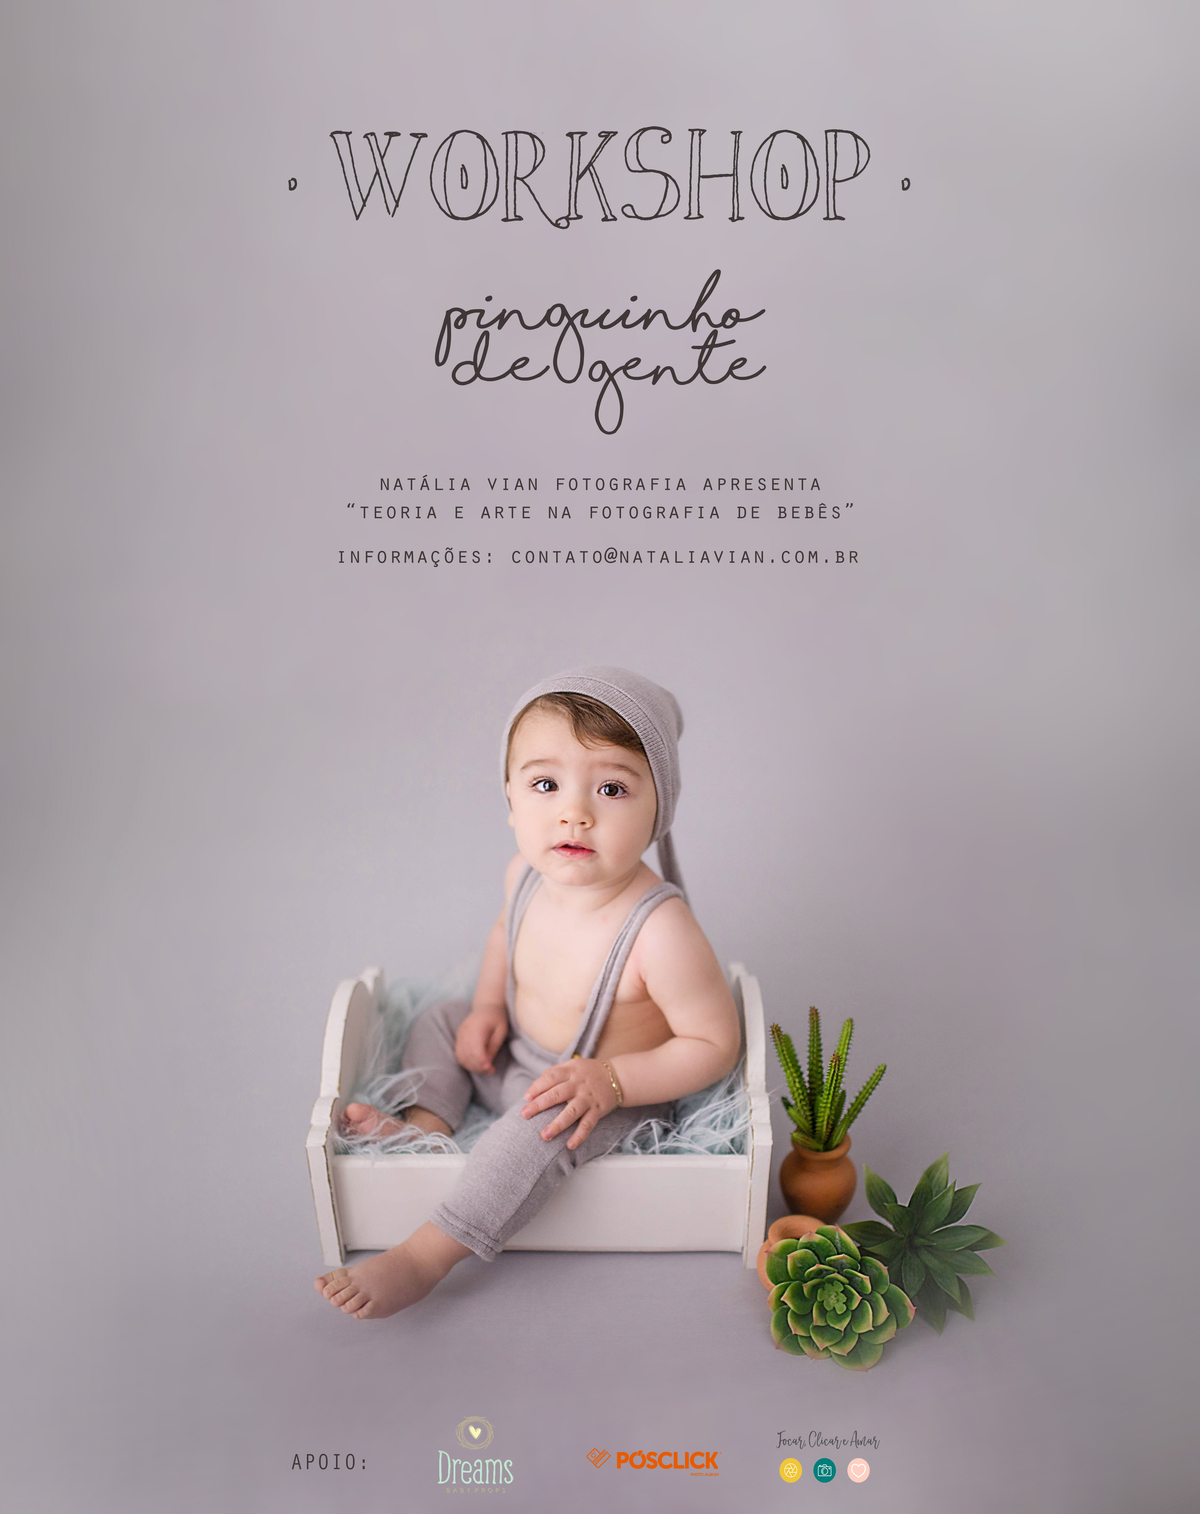 Imagem capa - Workshop Pinguinho de gente 2018 por Natália Vian Fotografia